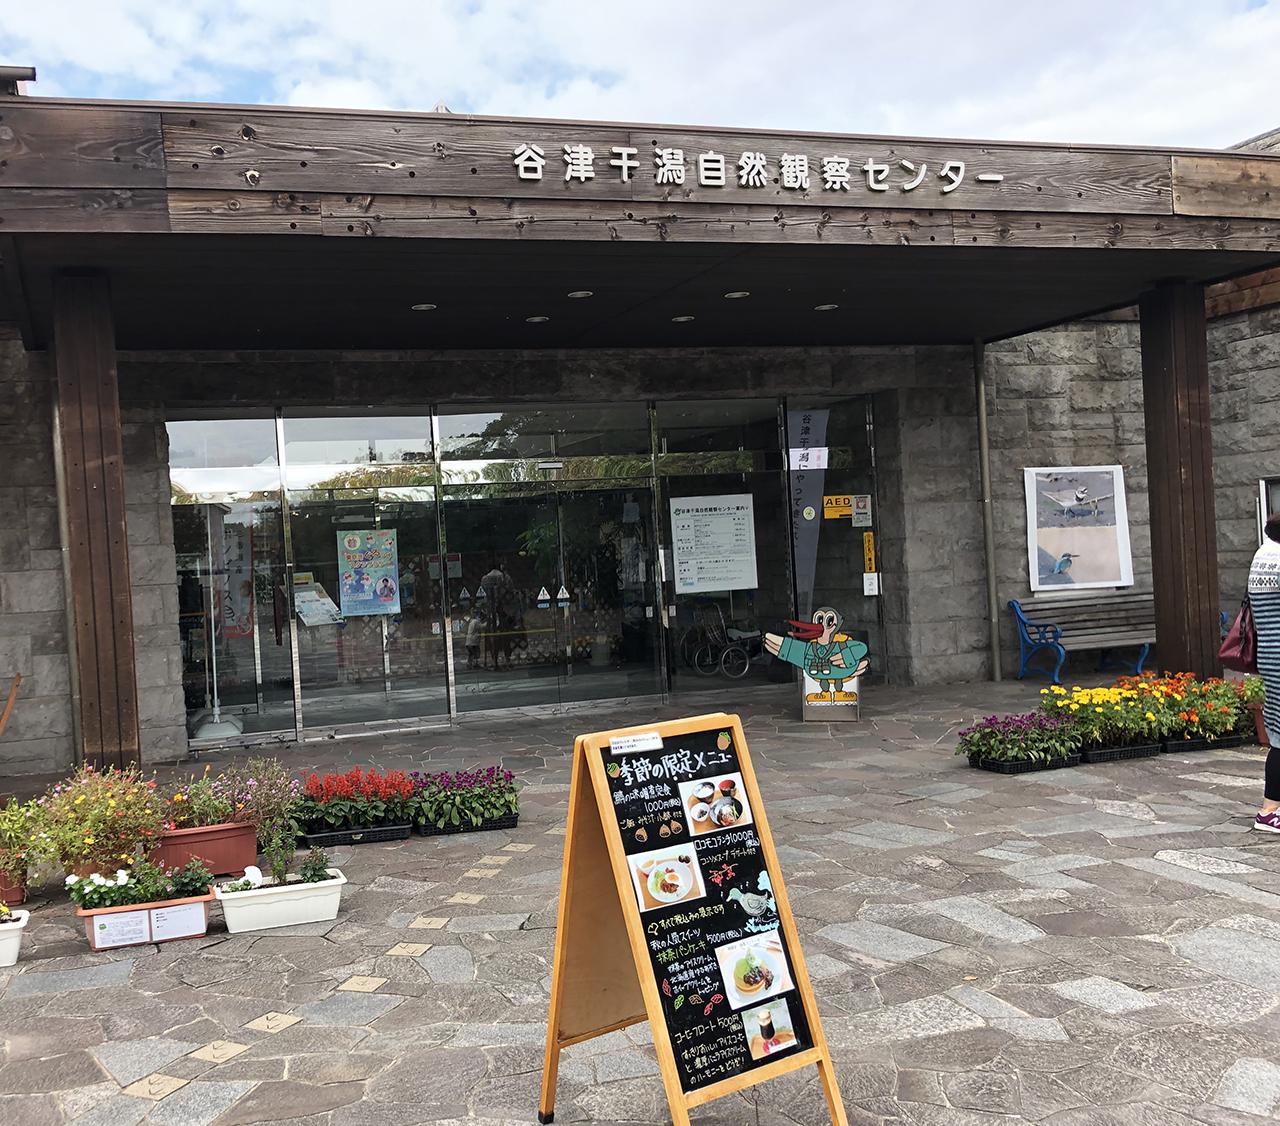 谷津干潟自然観察センターの画像